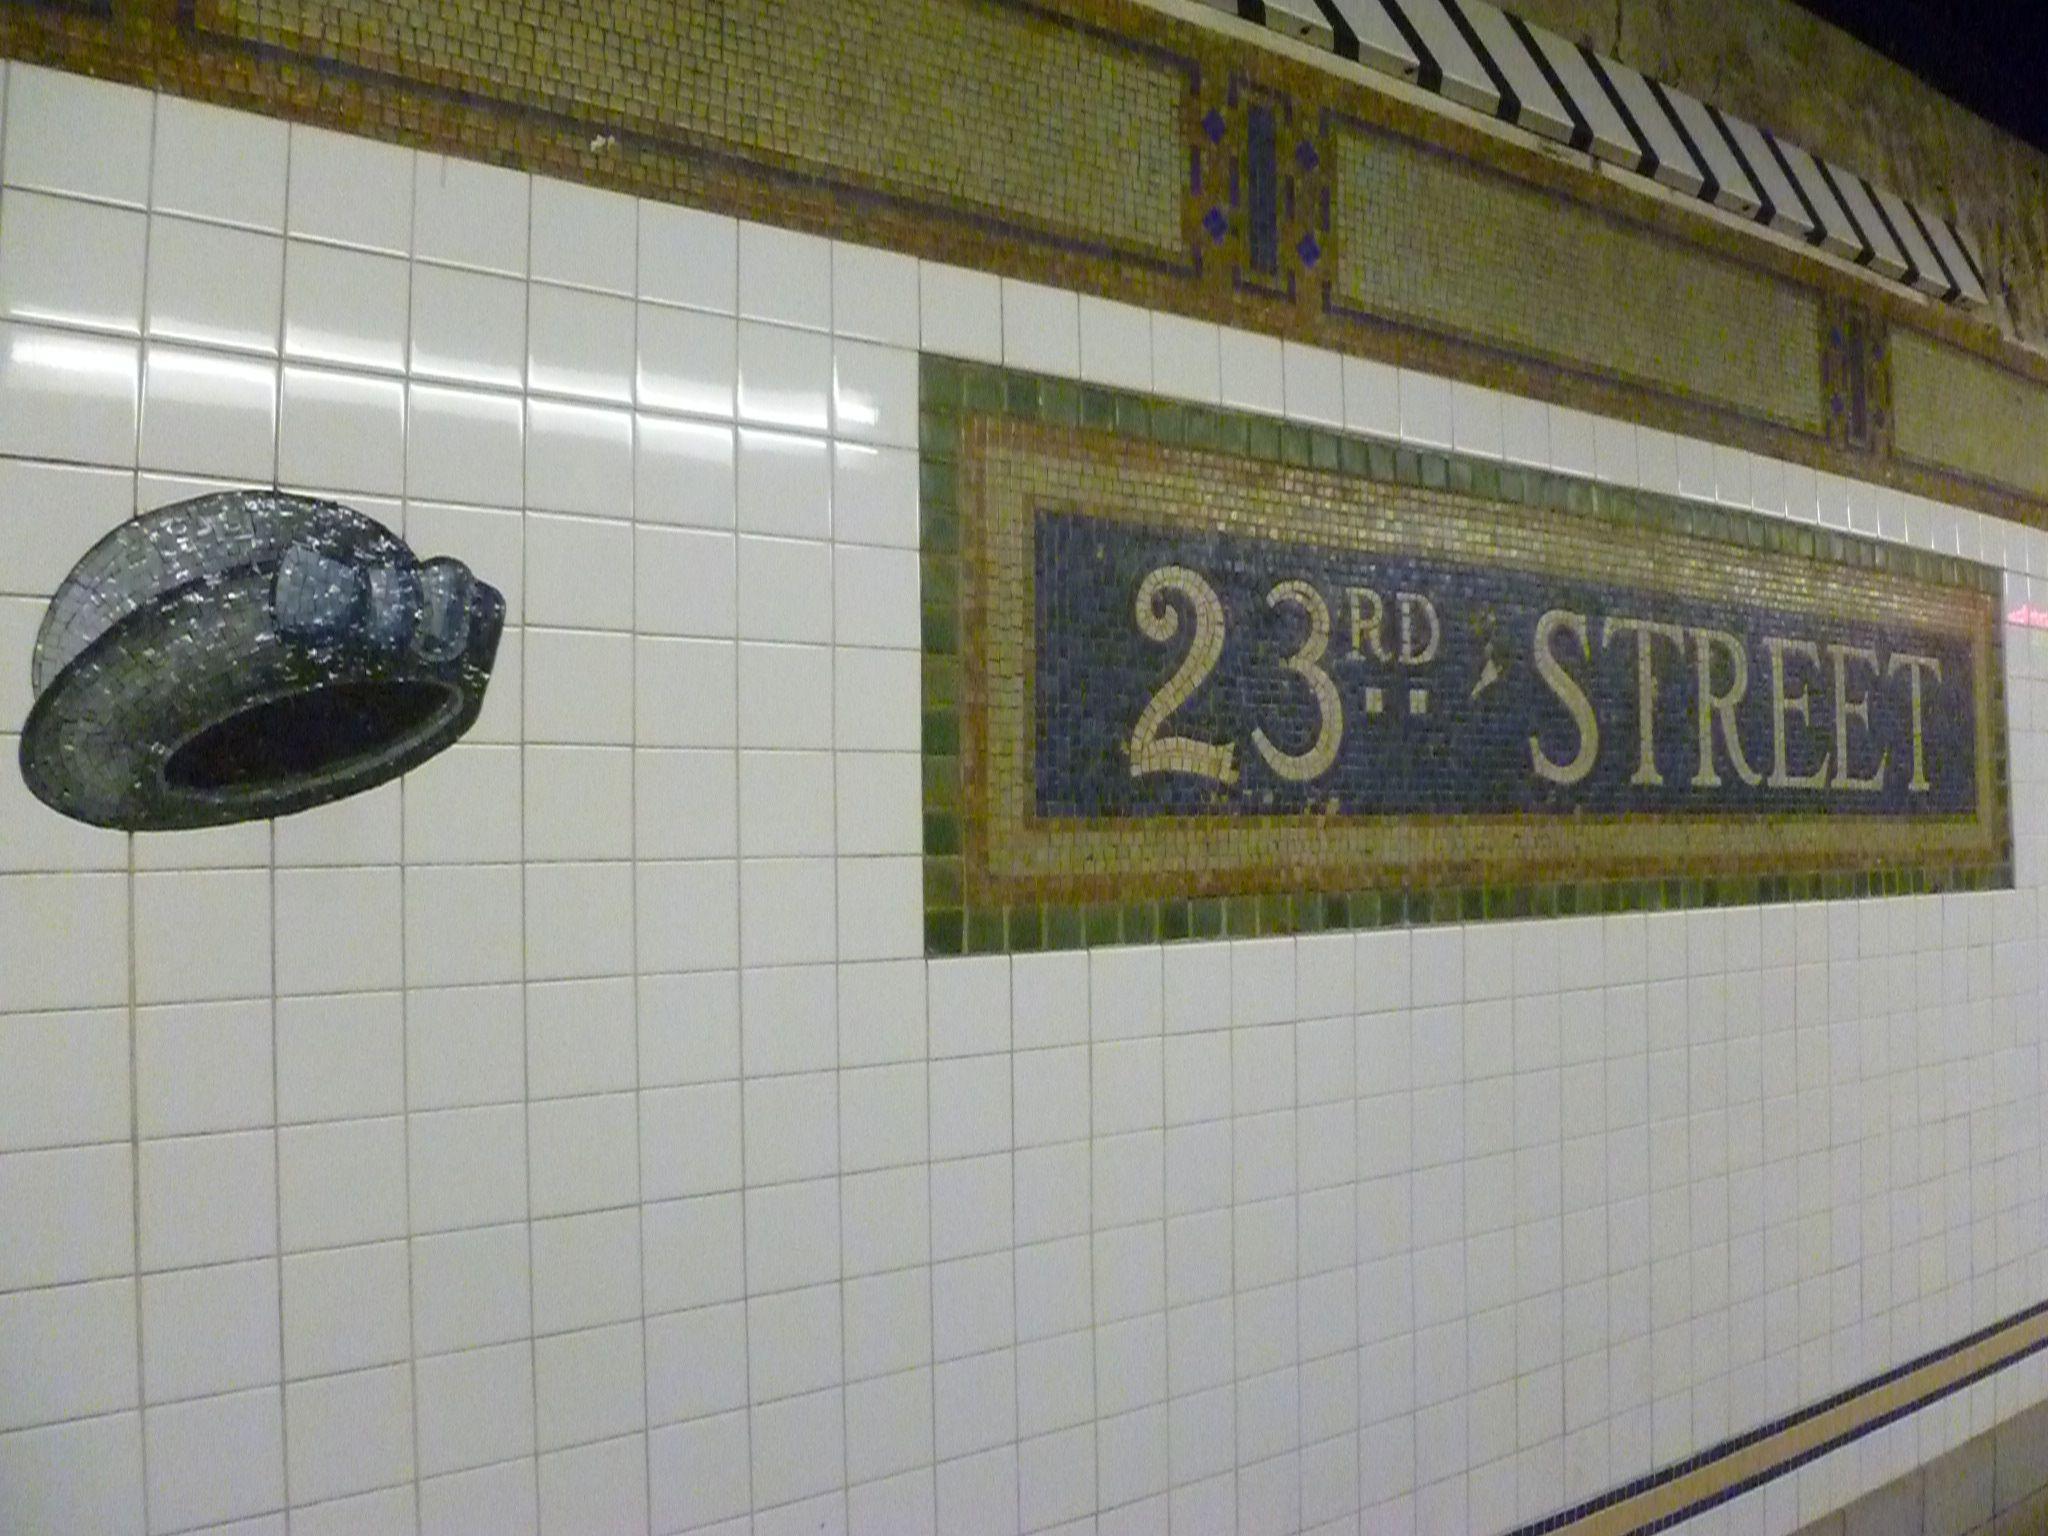 23rd street subway art